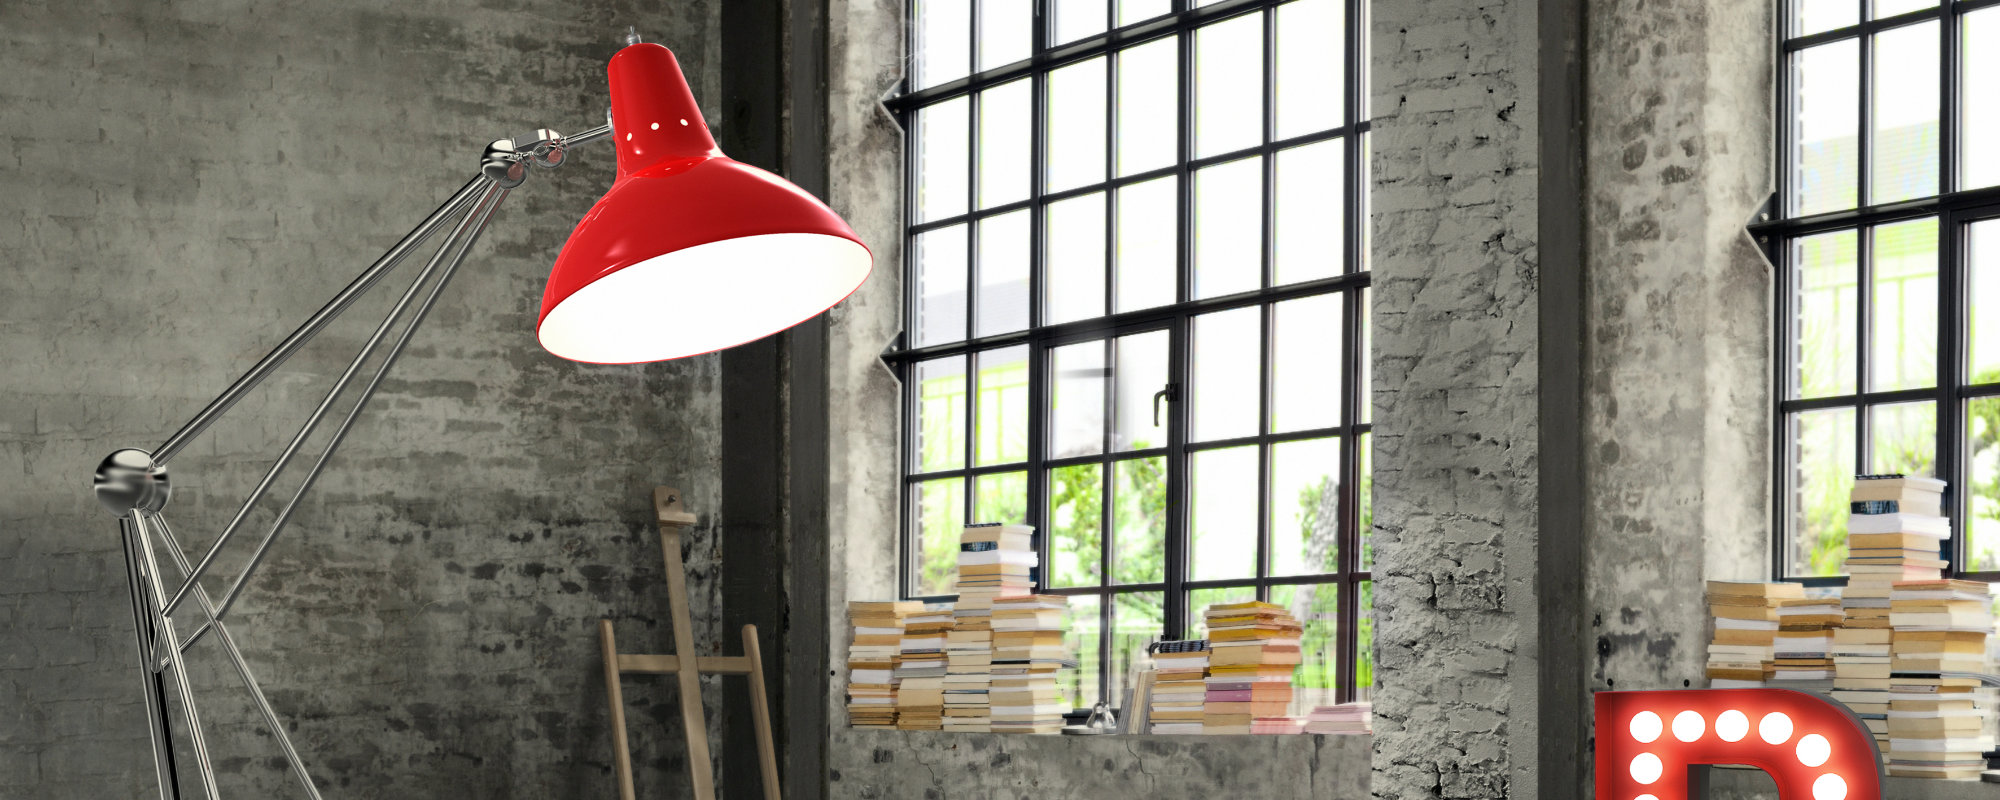 Tendencias de mercado Tendencias de mercado: 5 Ideas de illuminicíon para teneres en casa Feature 5